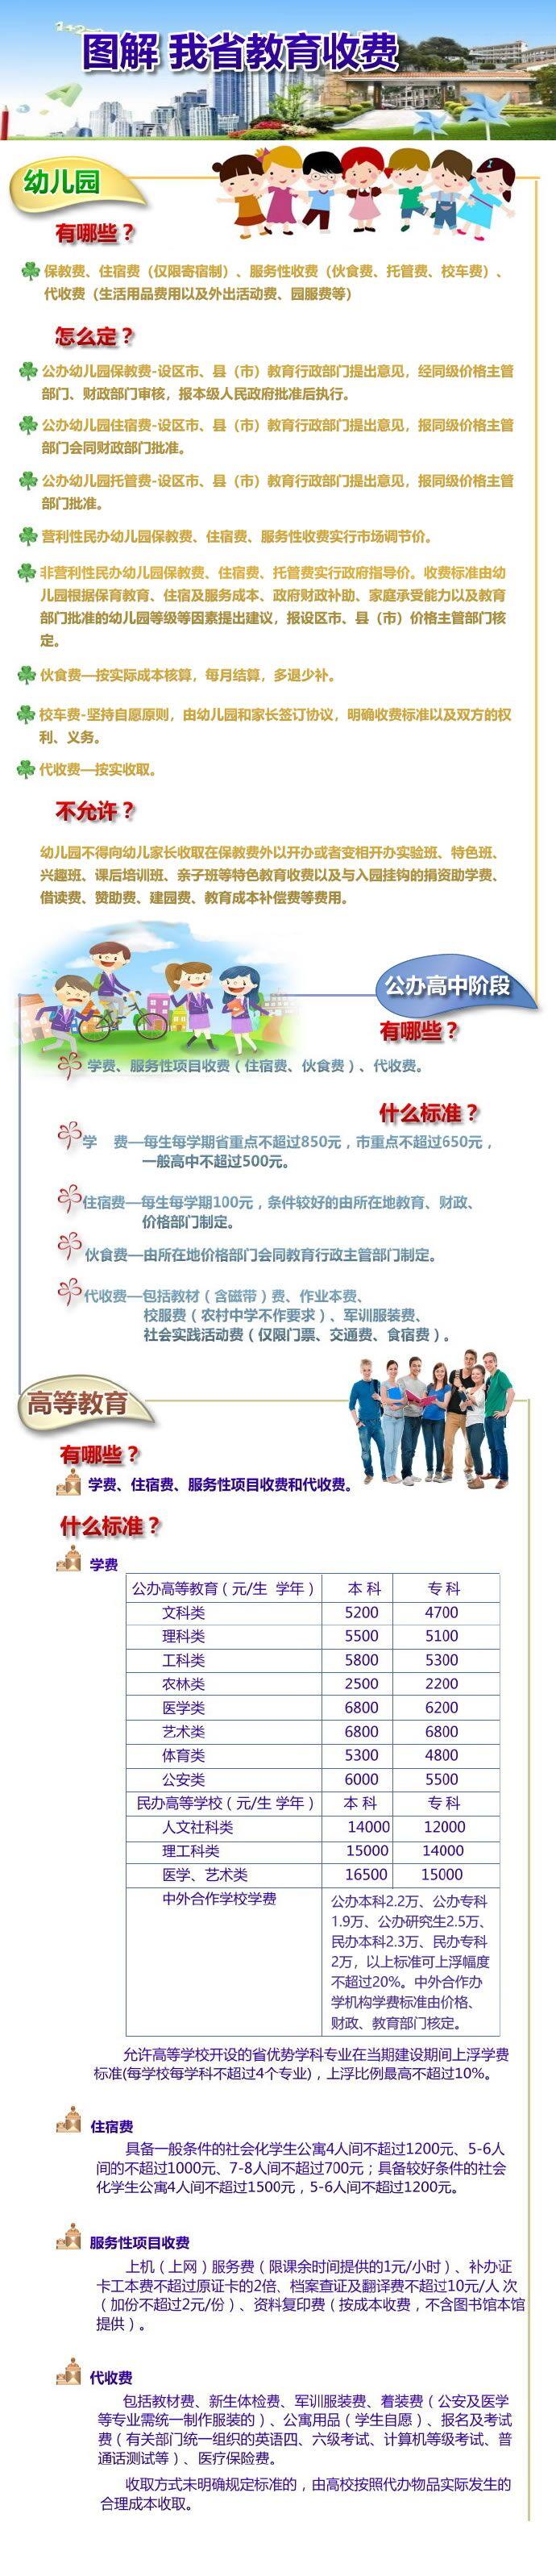 开学在即,江苏大中小学幼儿园怎么收费?省物价局发布一揽子政策